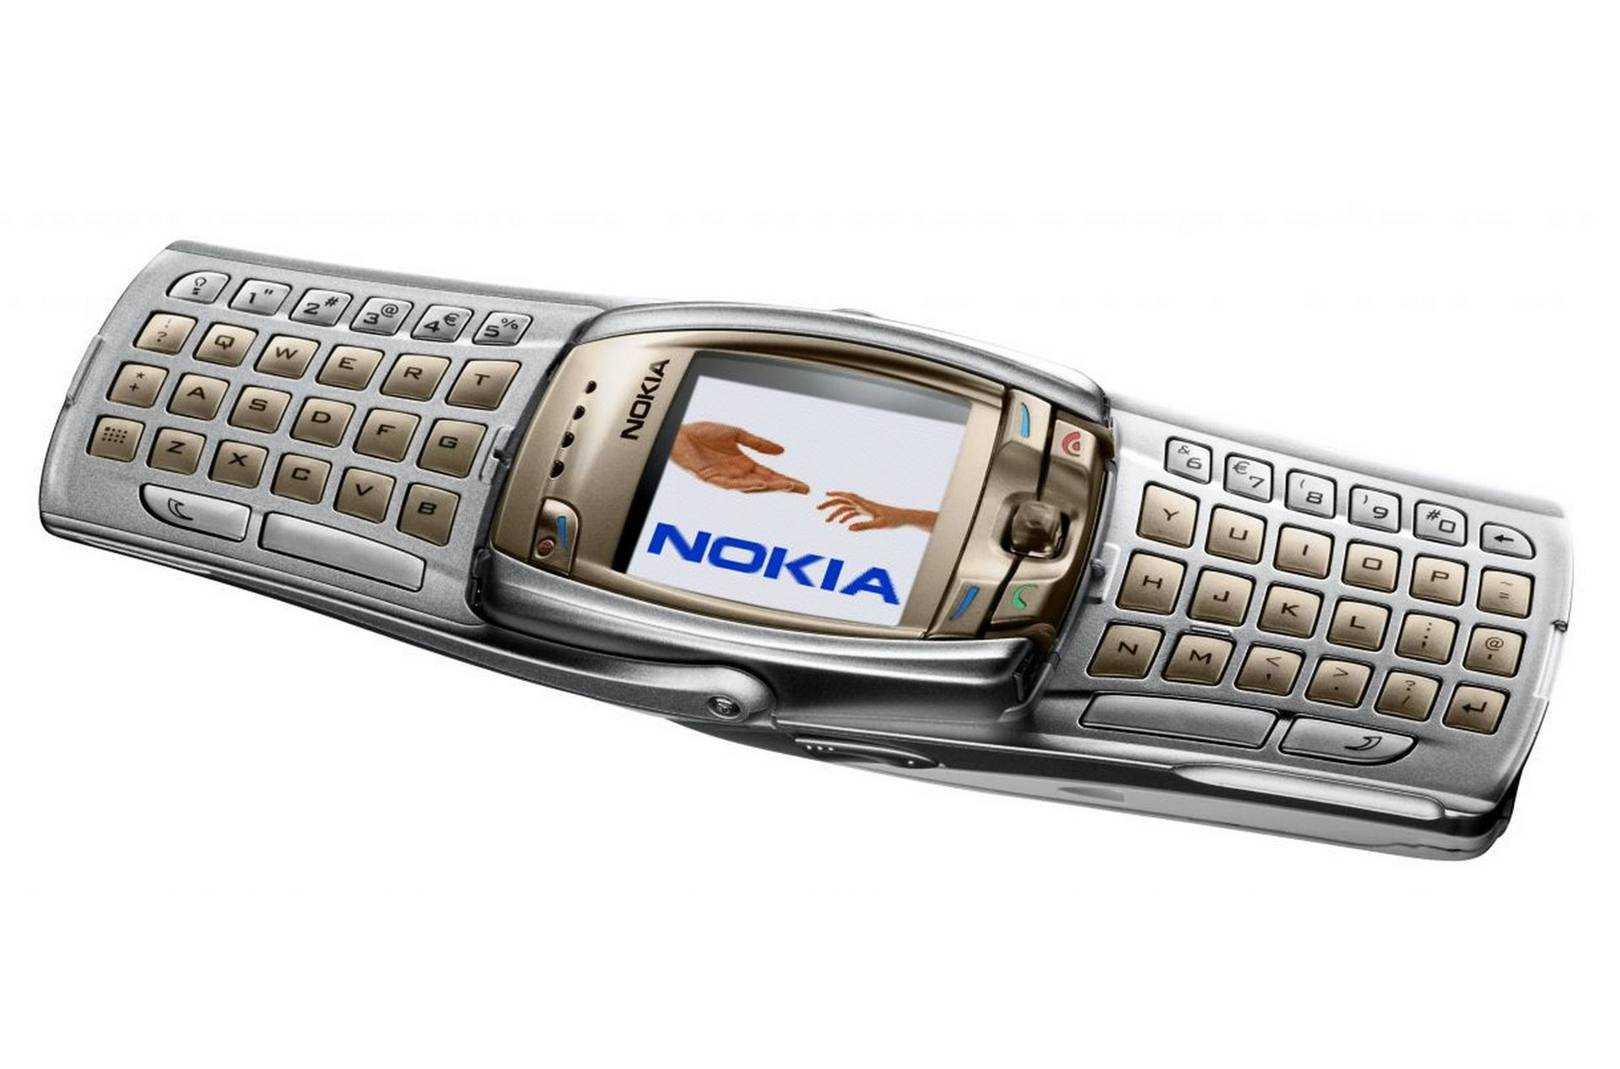 Nokia перезагружает 5310, но это не «оригинал», на который мы надеялись   cdnews.ru